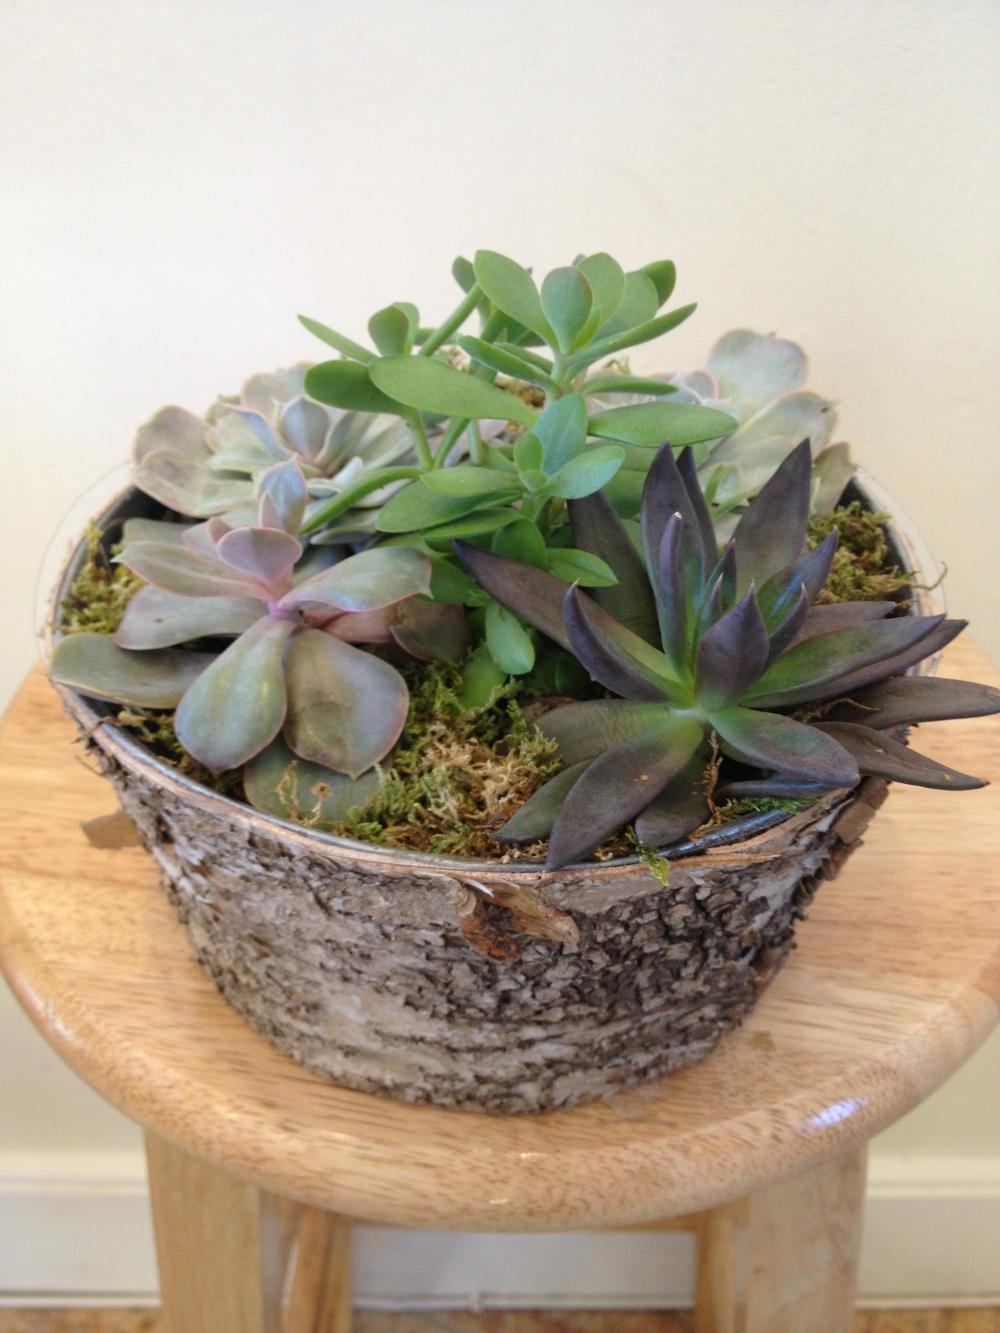 Succulent Garden, $50 - $75